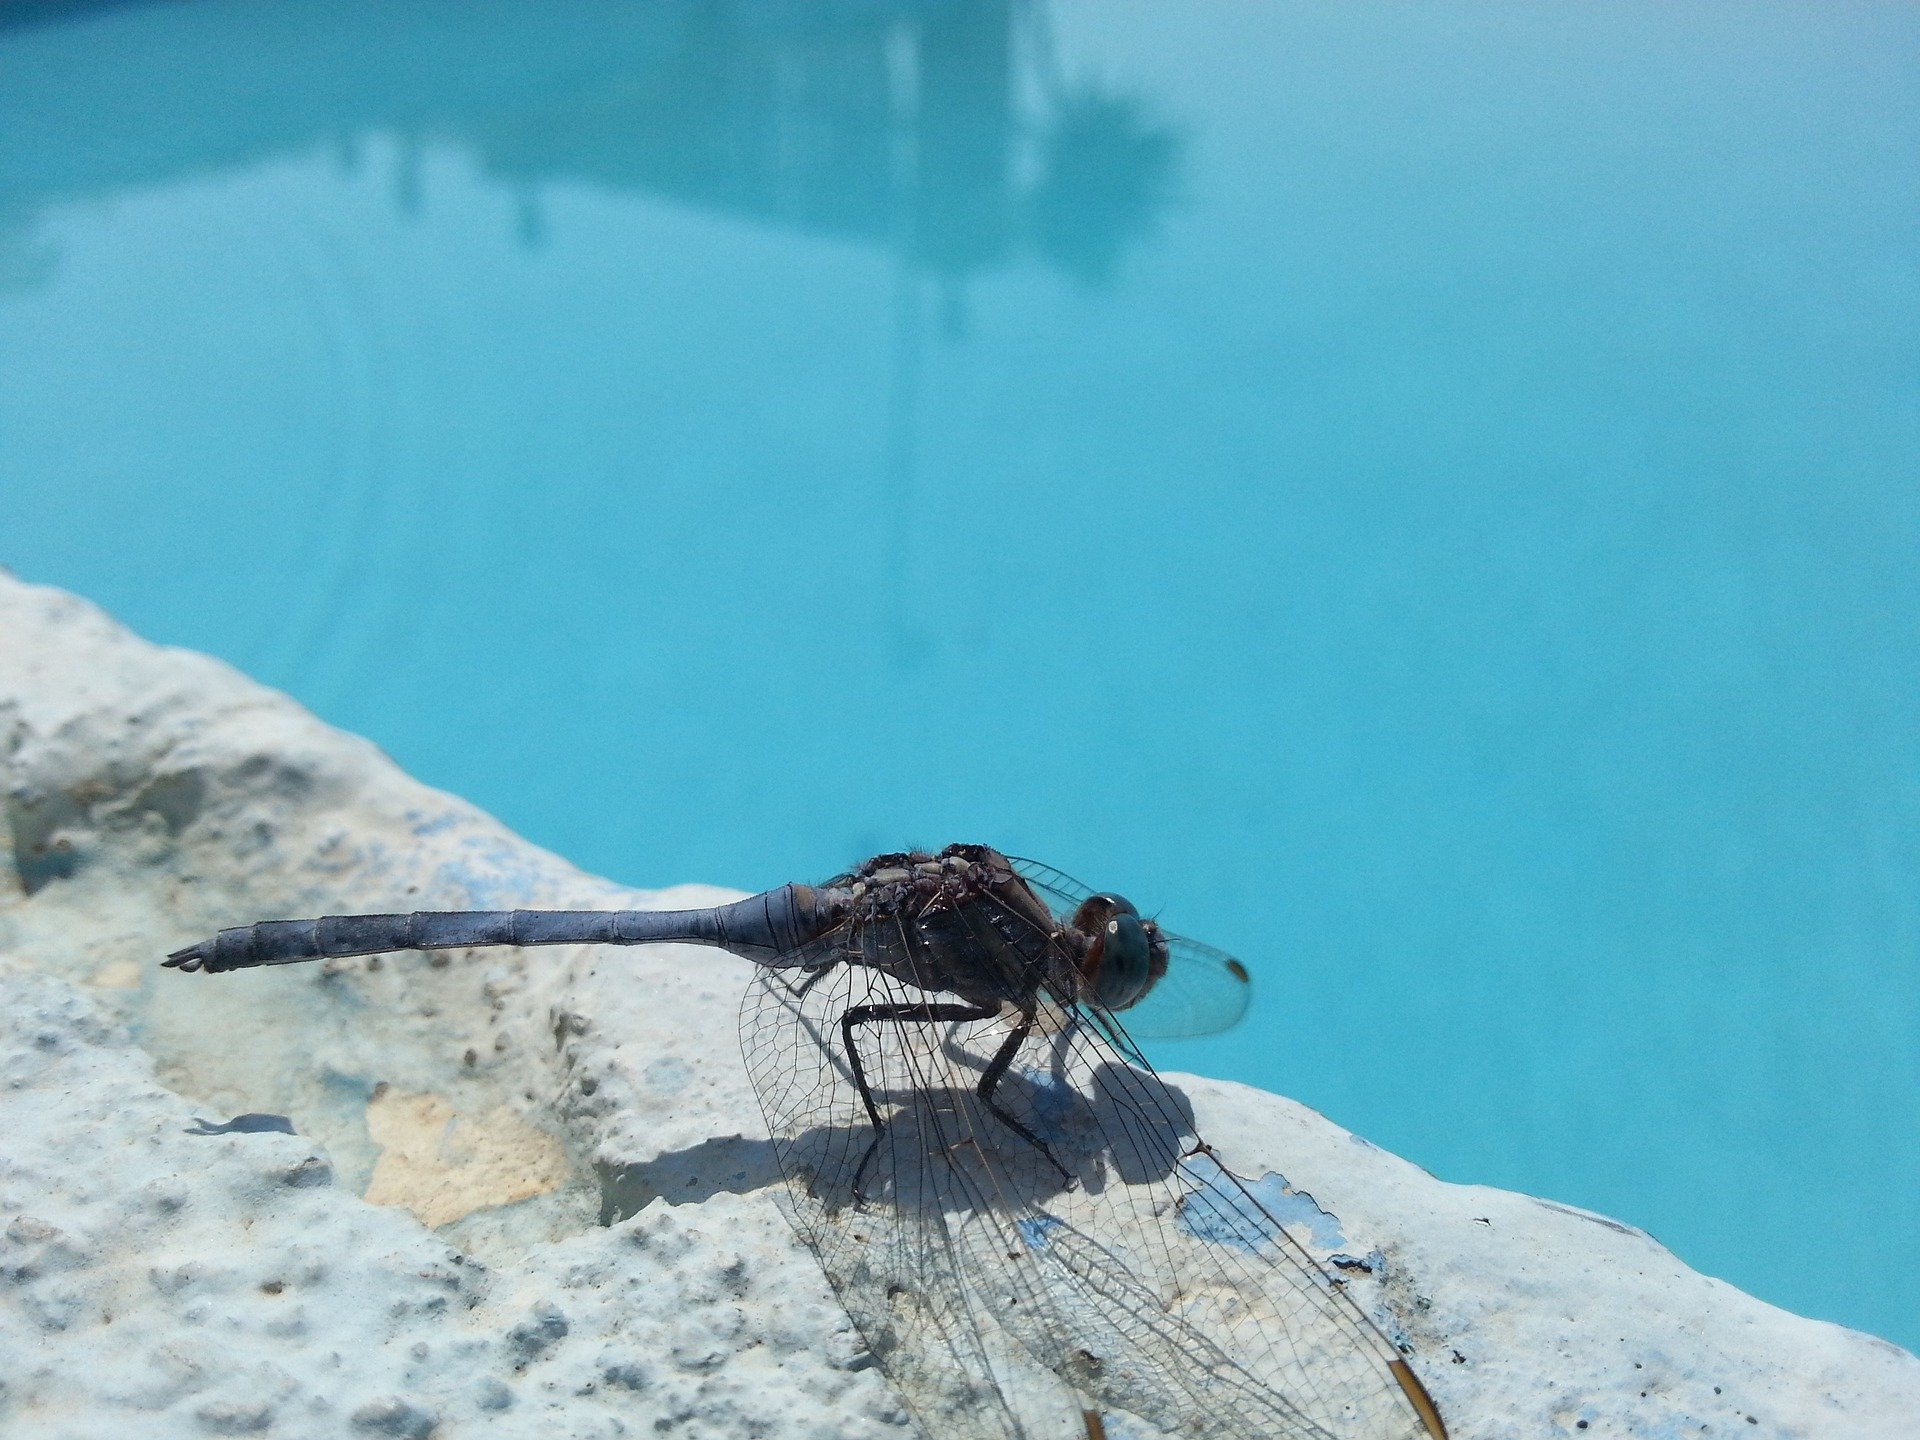 Comment se débarrasser des insectes autour d'une piscine